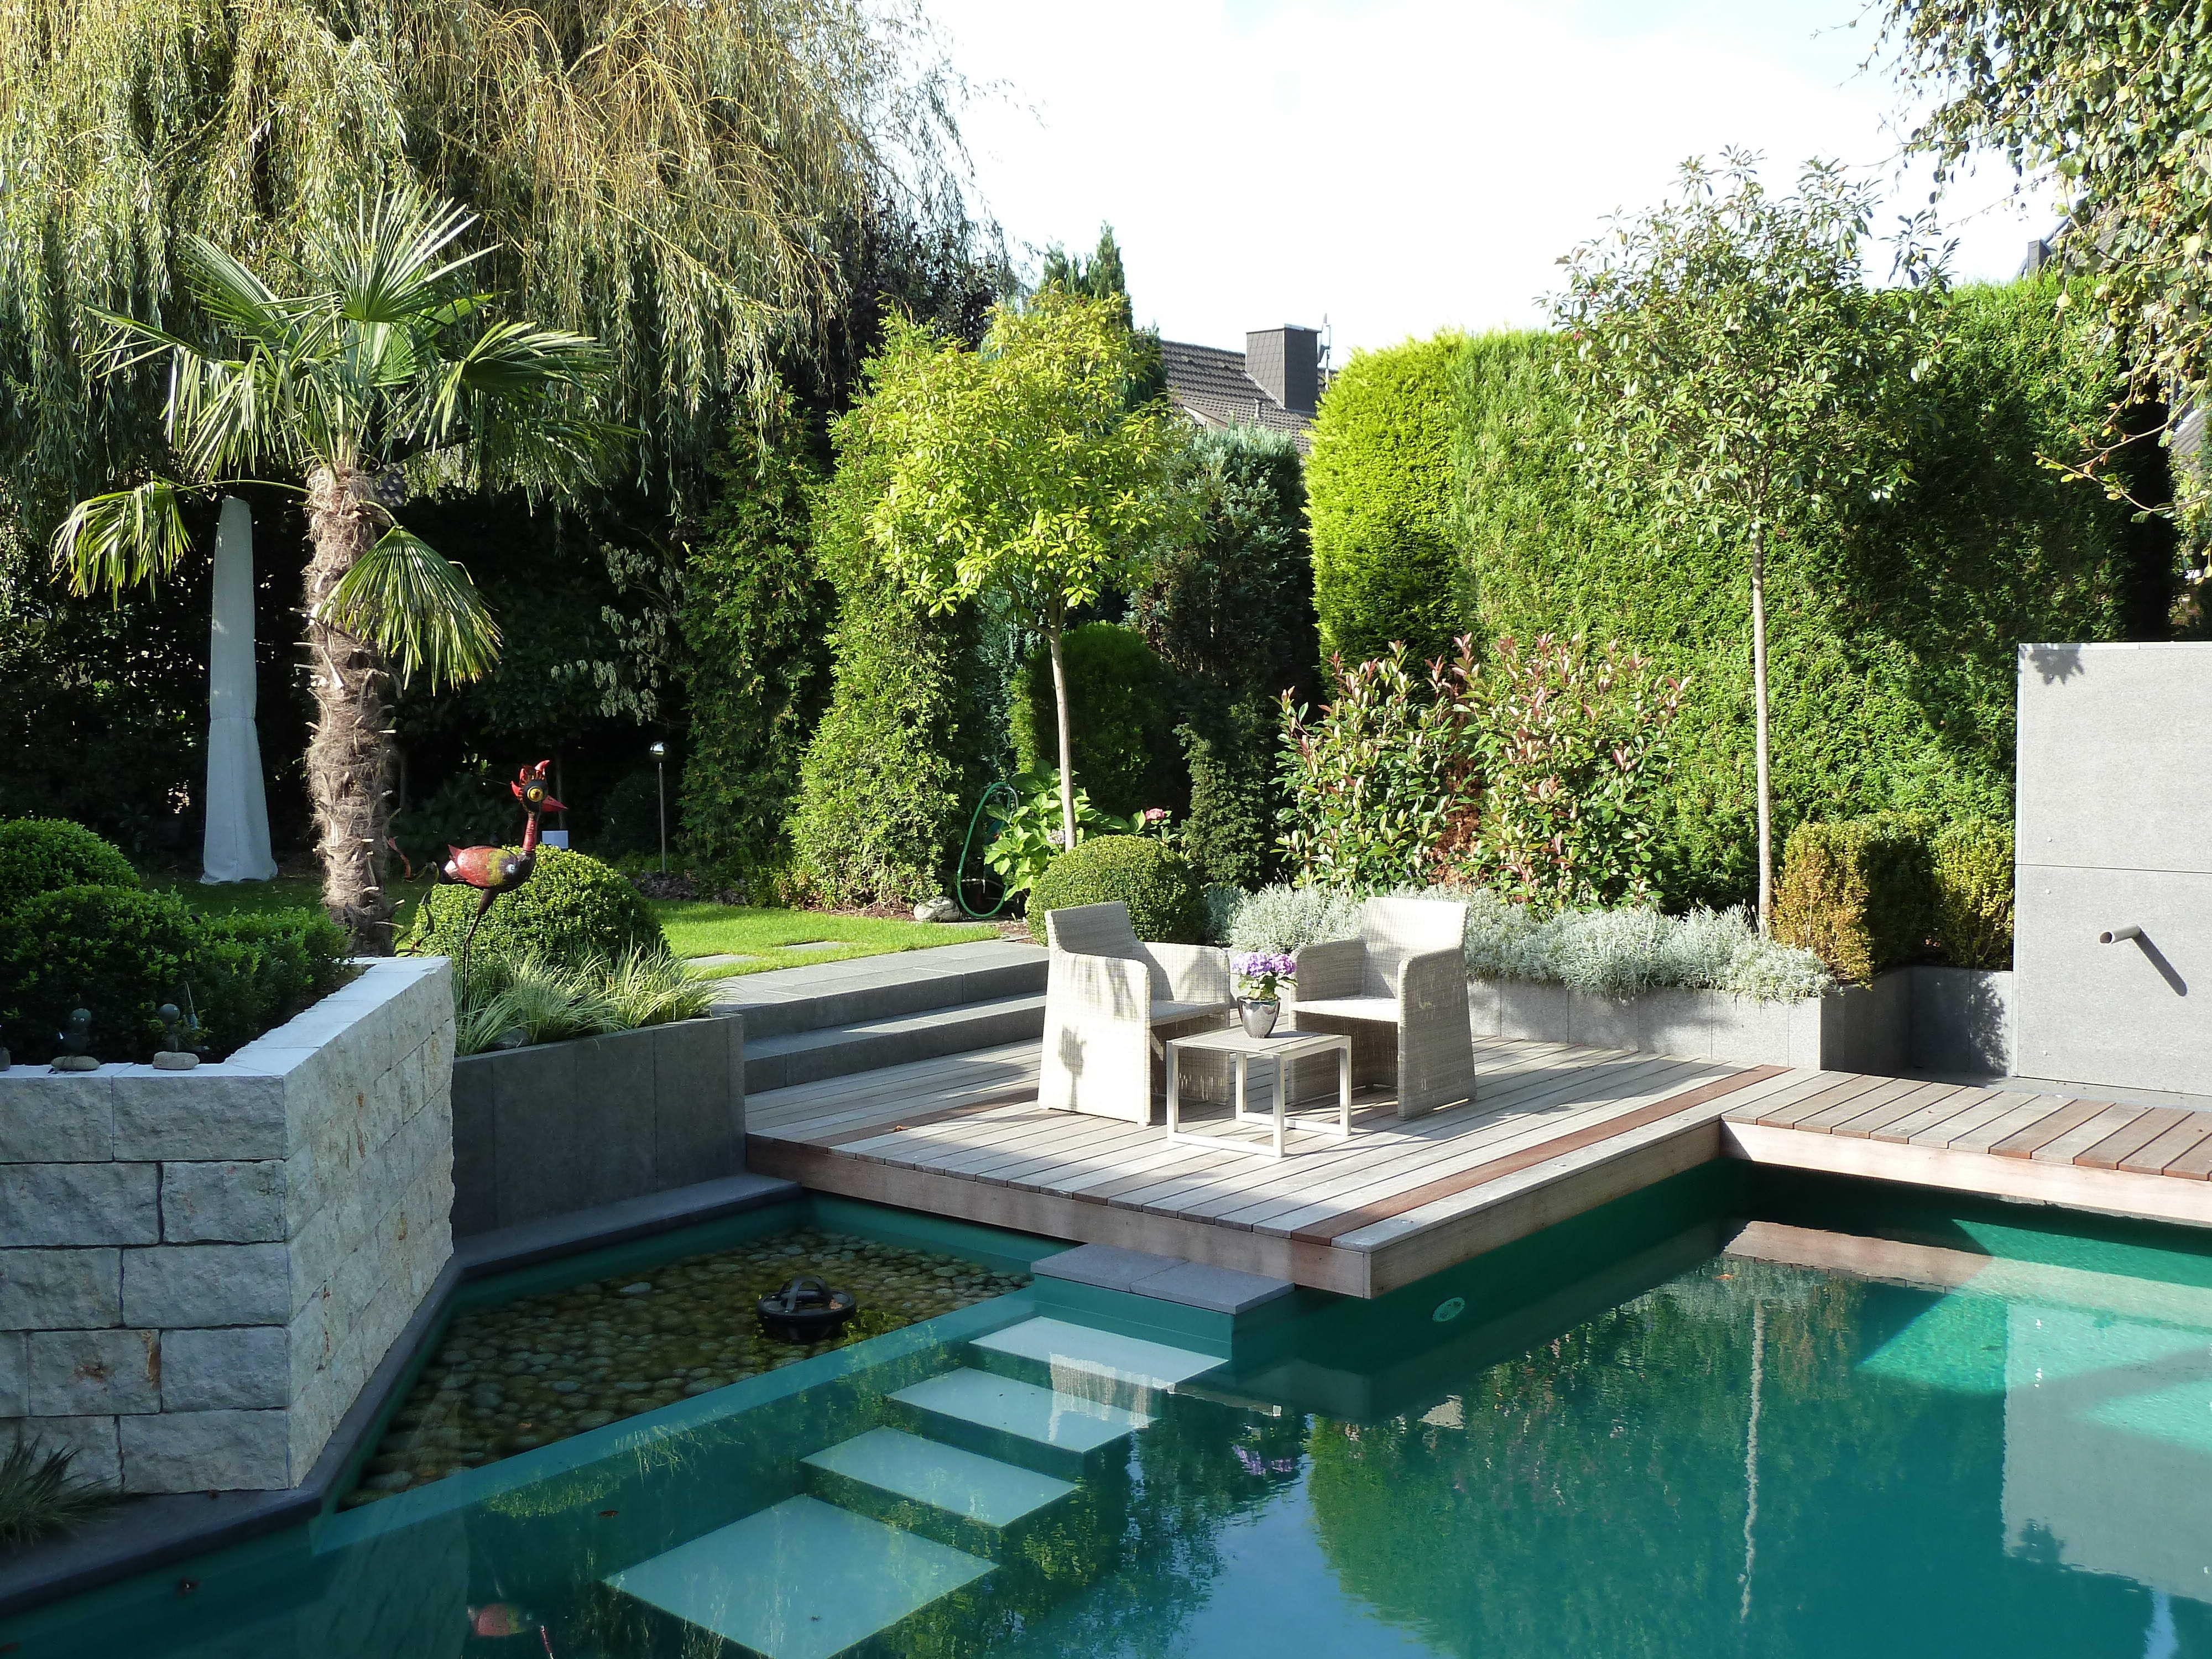 Richter Garten garten mit biopool! www.richter-garten.de | pool paradies